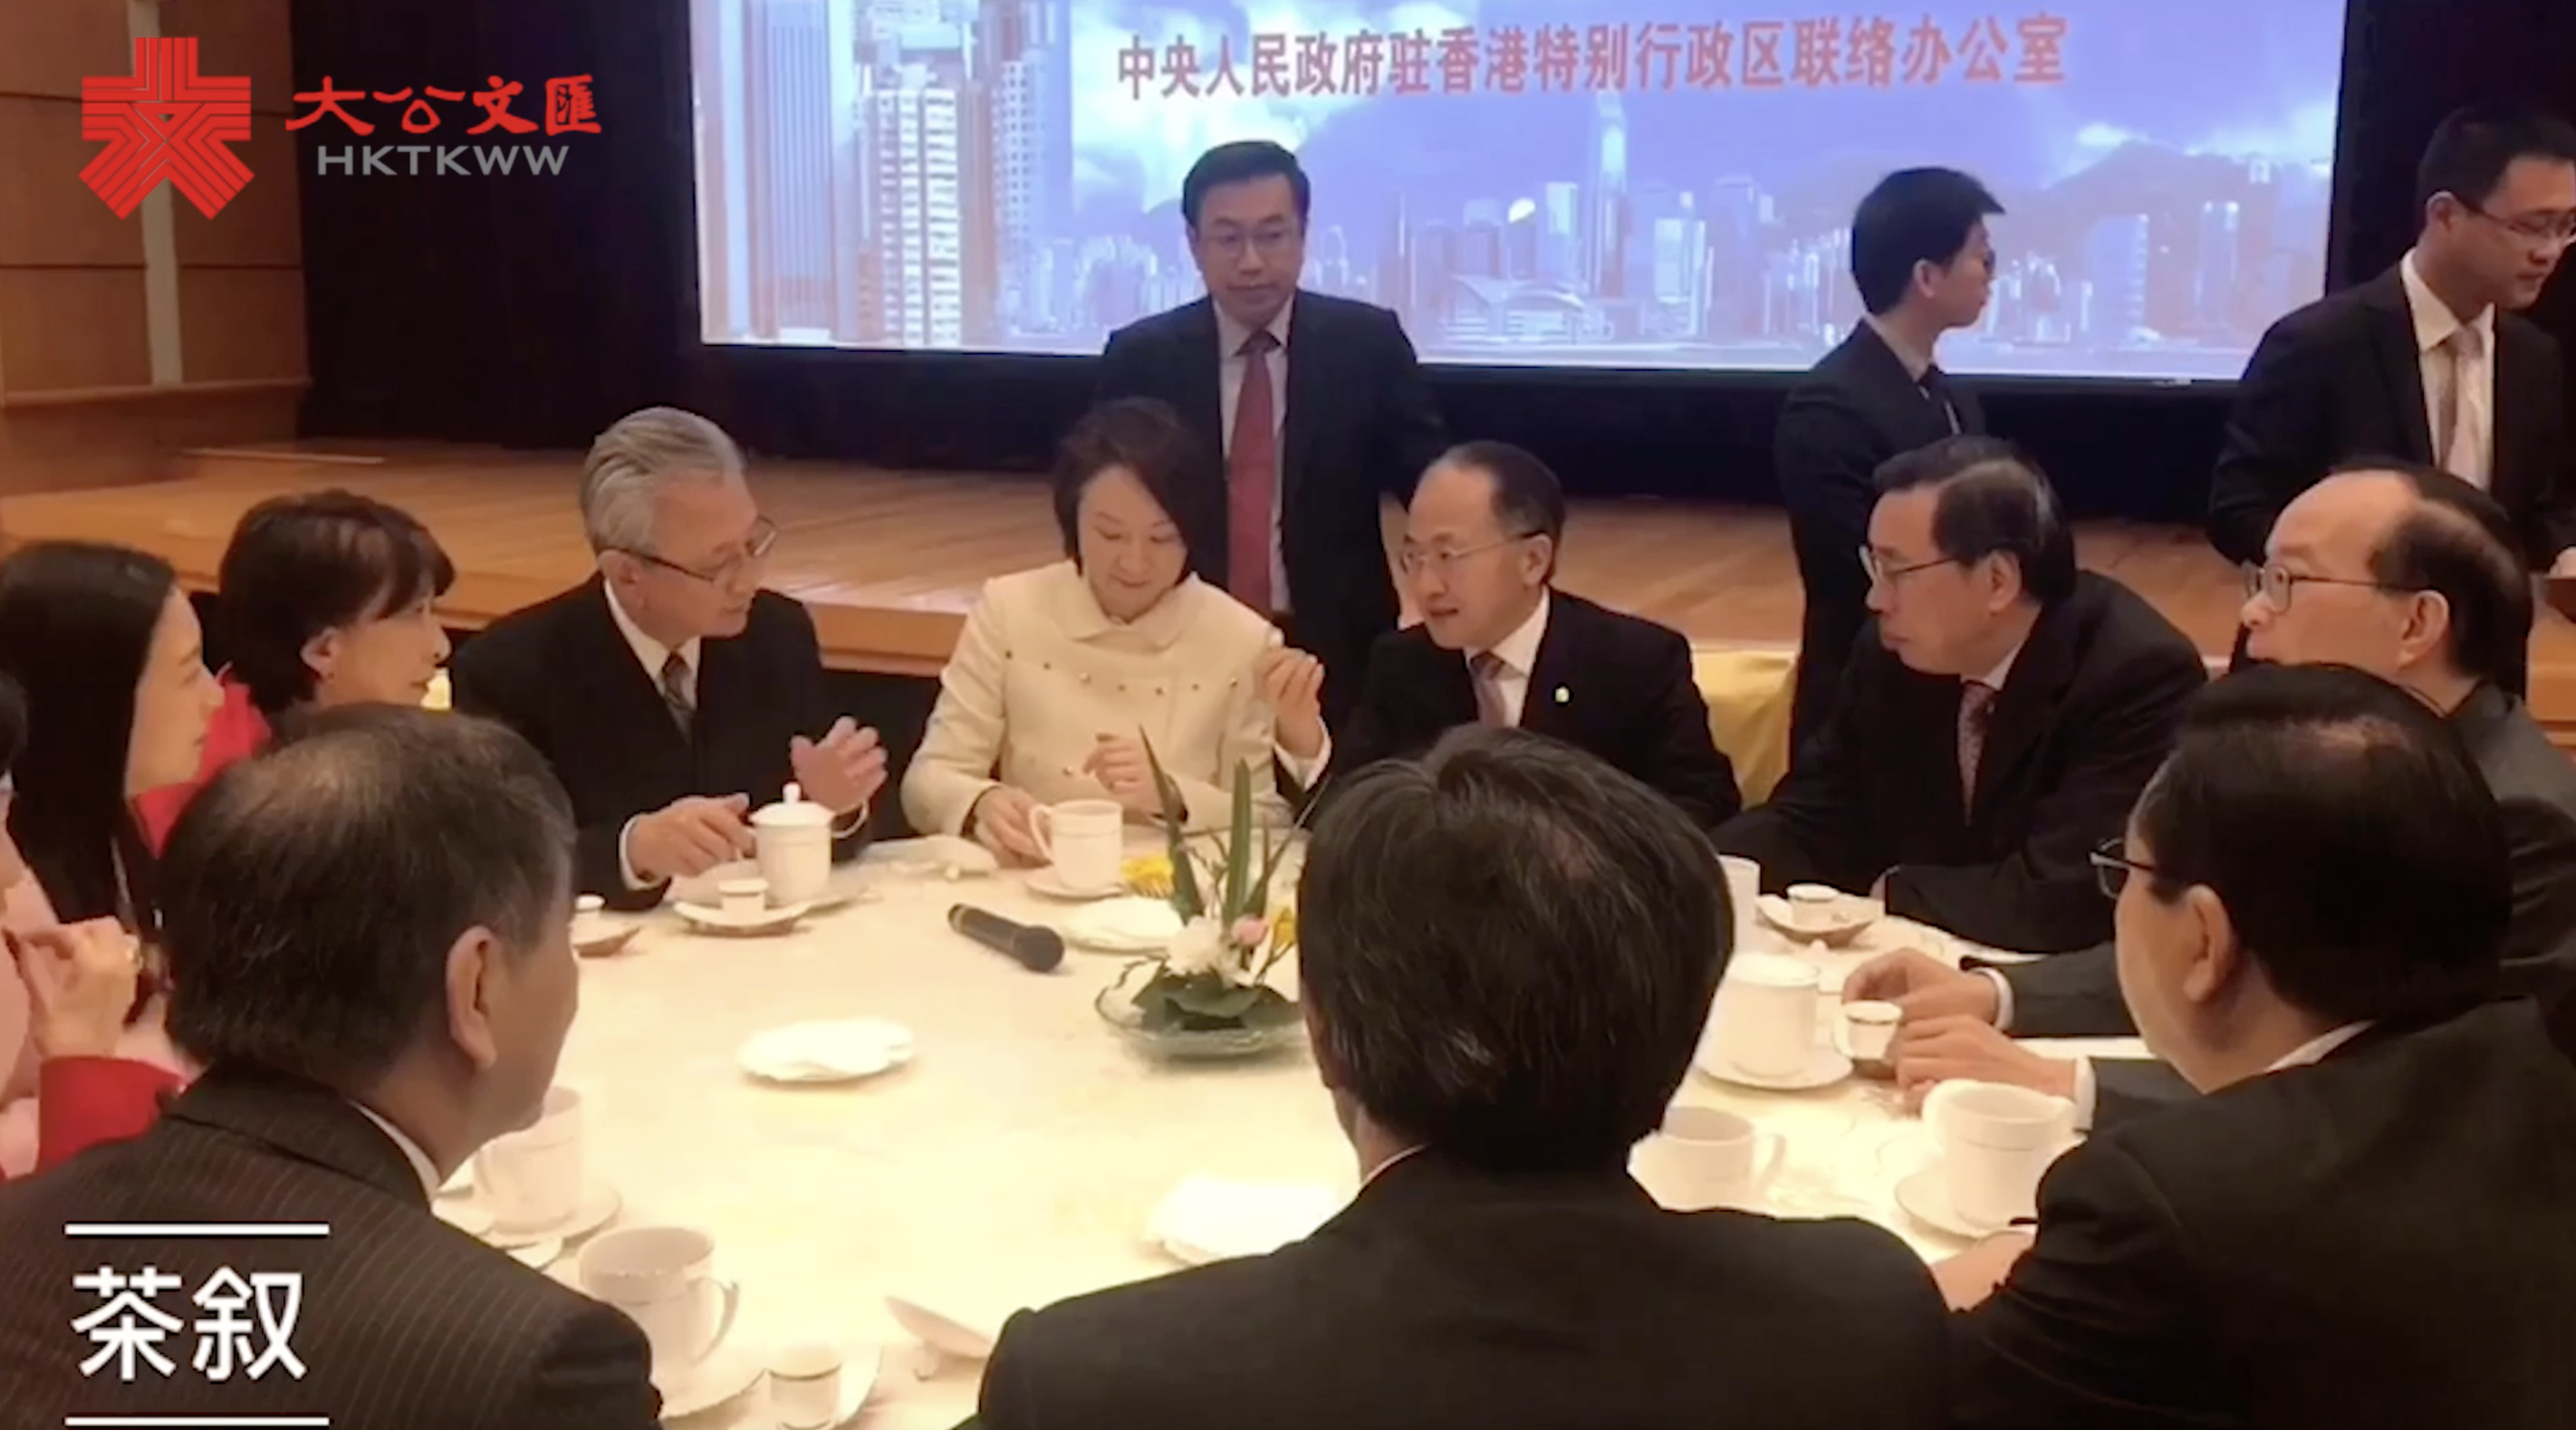 中聯辦負責人與香港立法會議員共賀新春